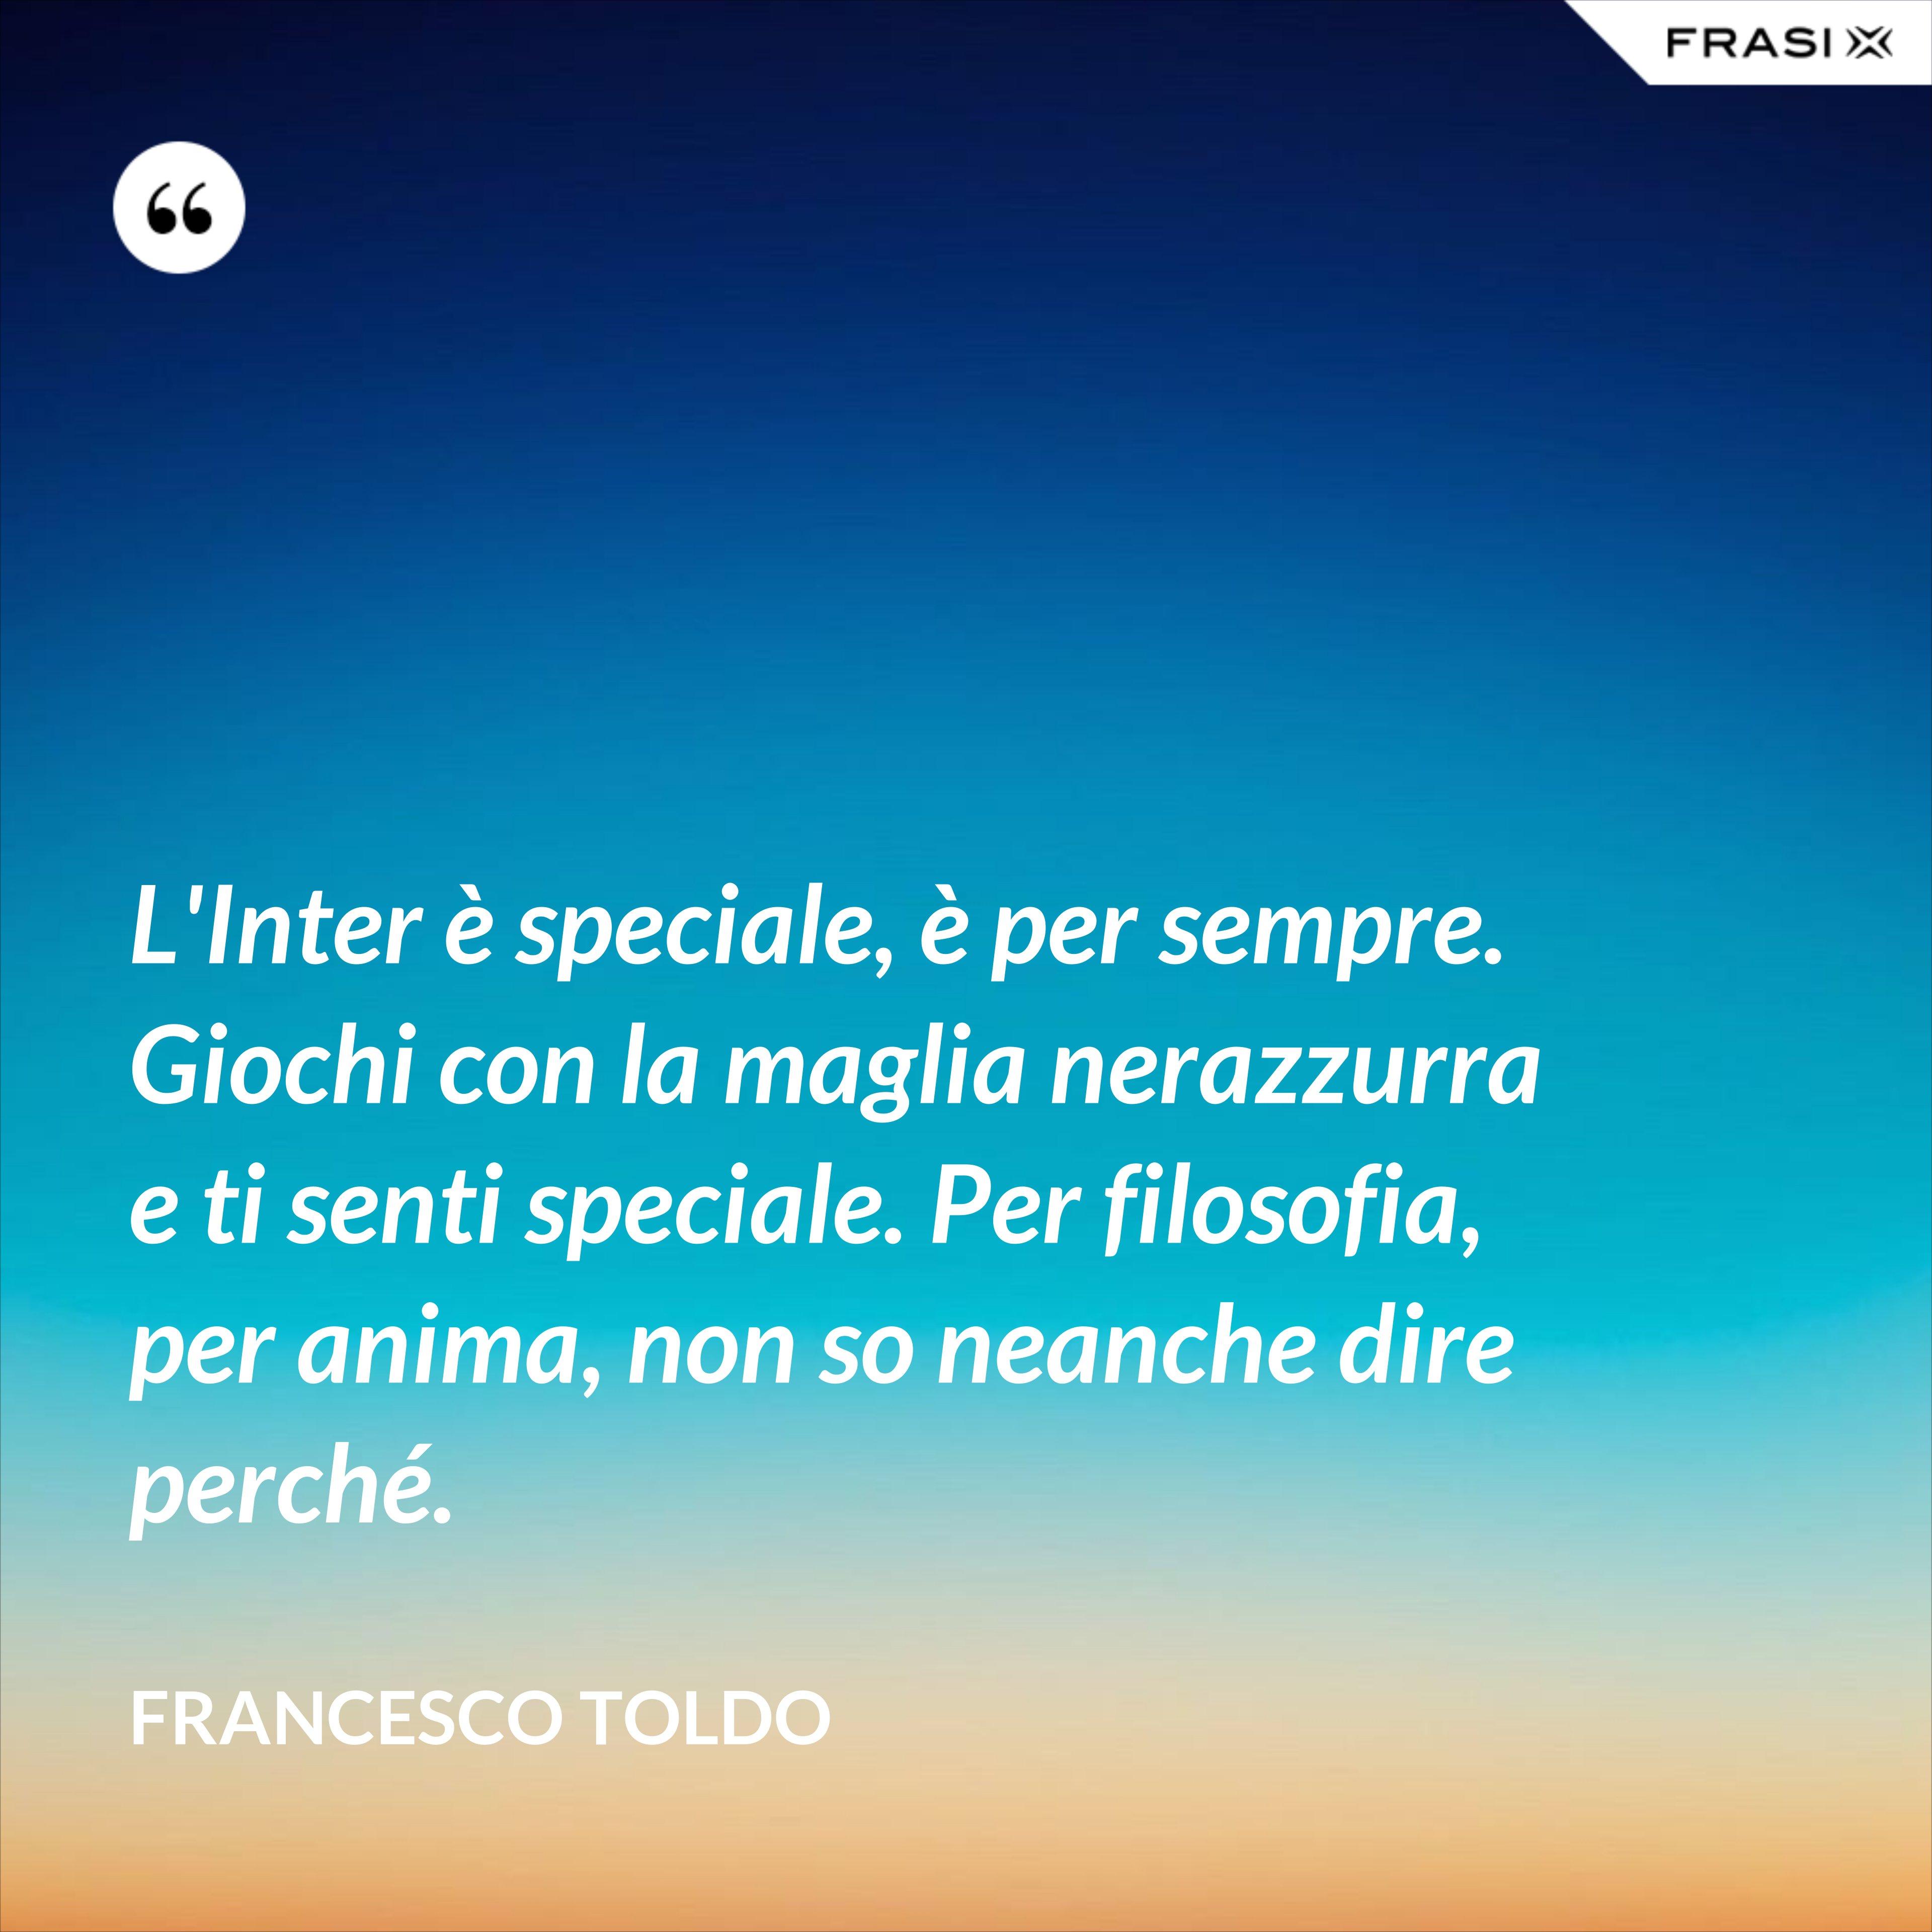 L'Inter è speciale, è per sempre. Giochi con la maglia nerazzurra e ti senti speciale. Per filosofia, per anima, non so neanche dire perché. - Francesco Toldo